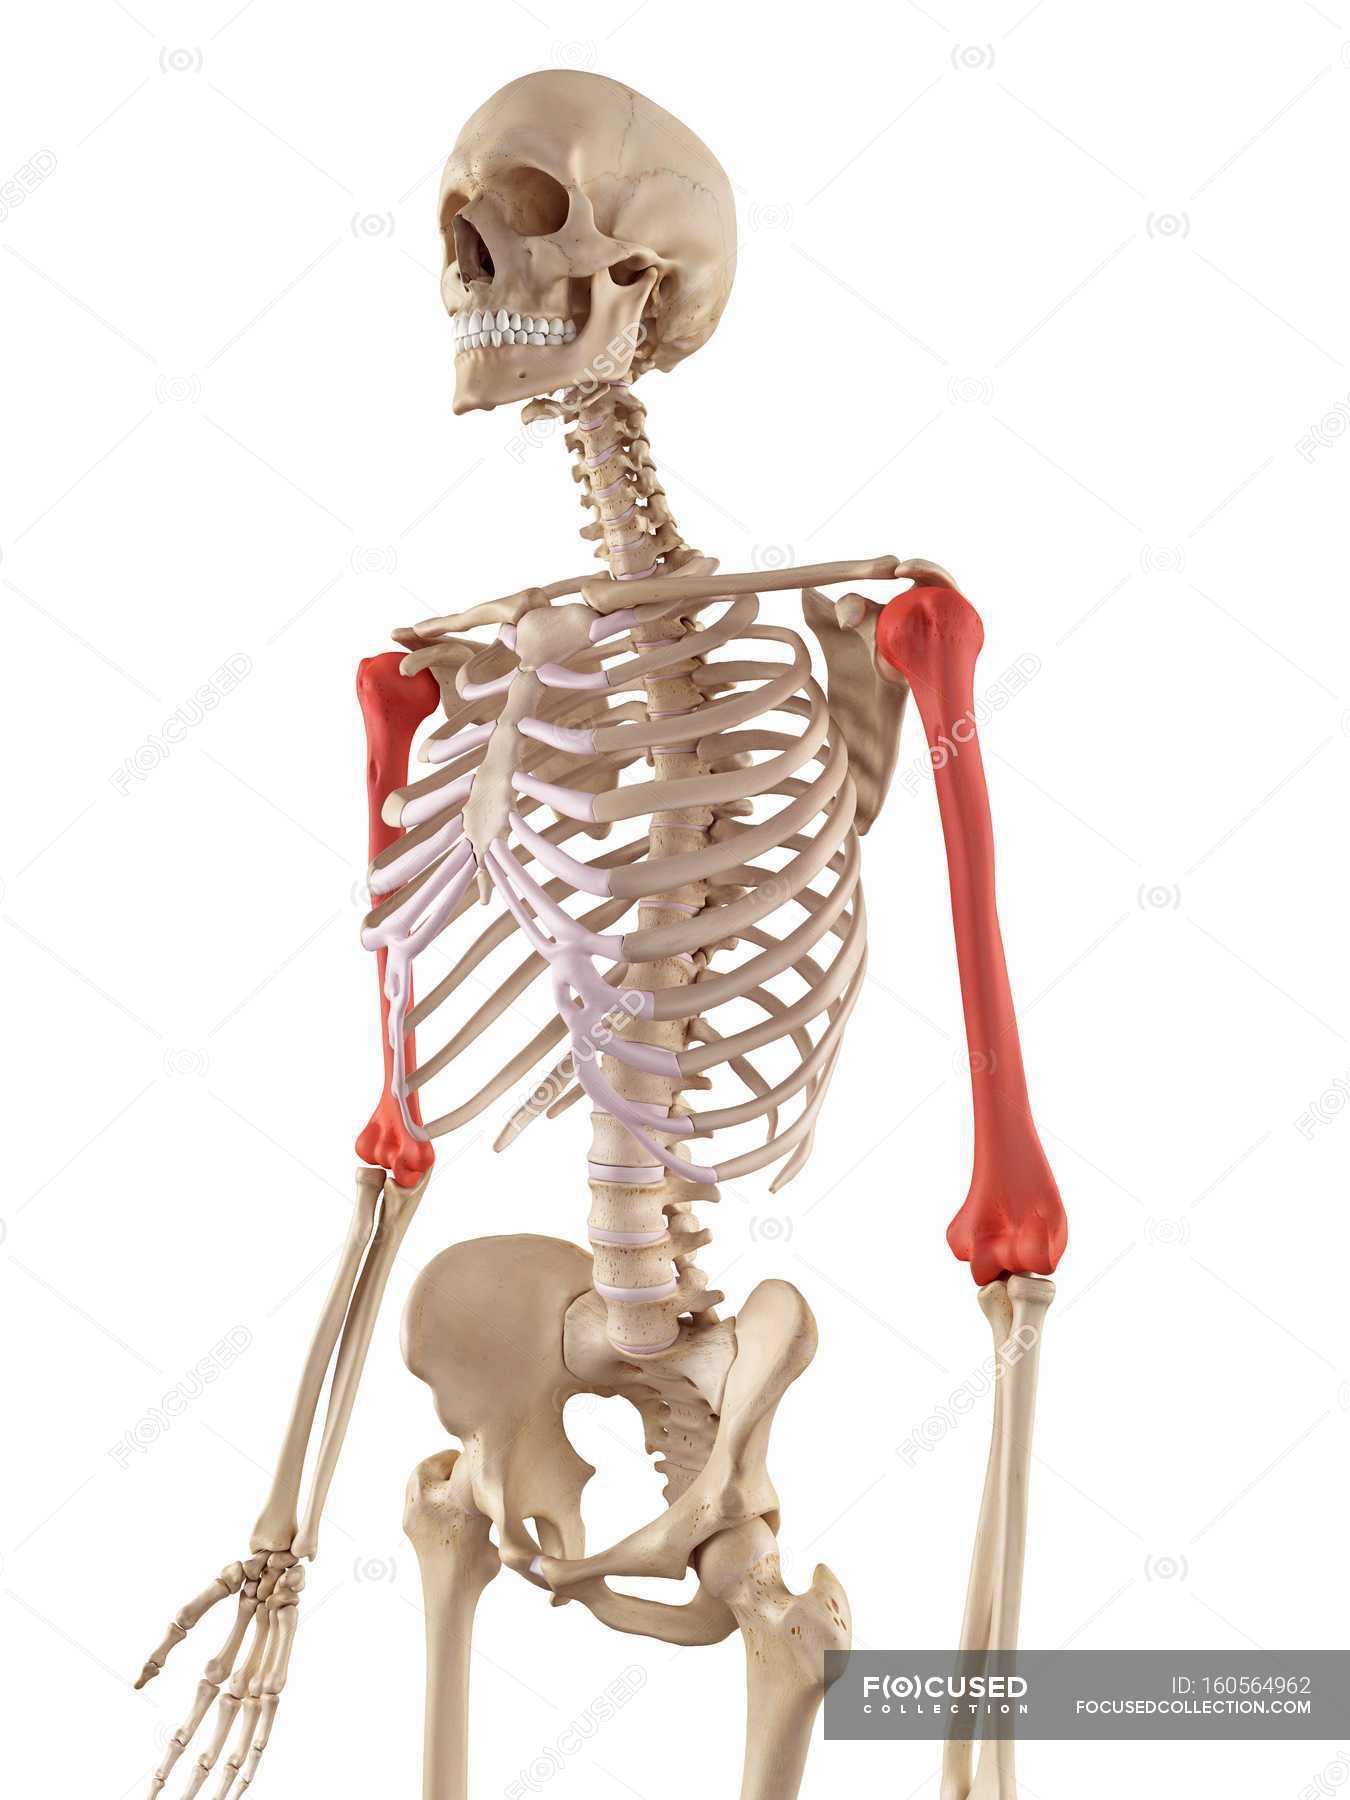 Menschlicher Humerus Knochen Struktur — Stockfoto | #160564962